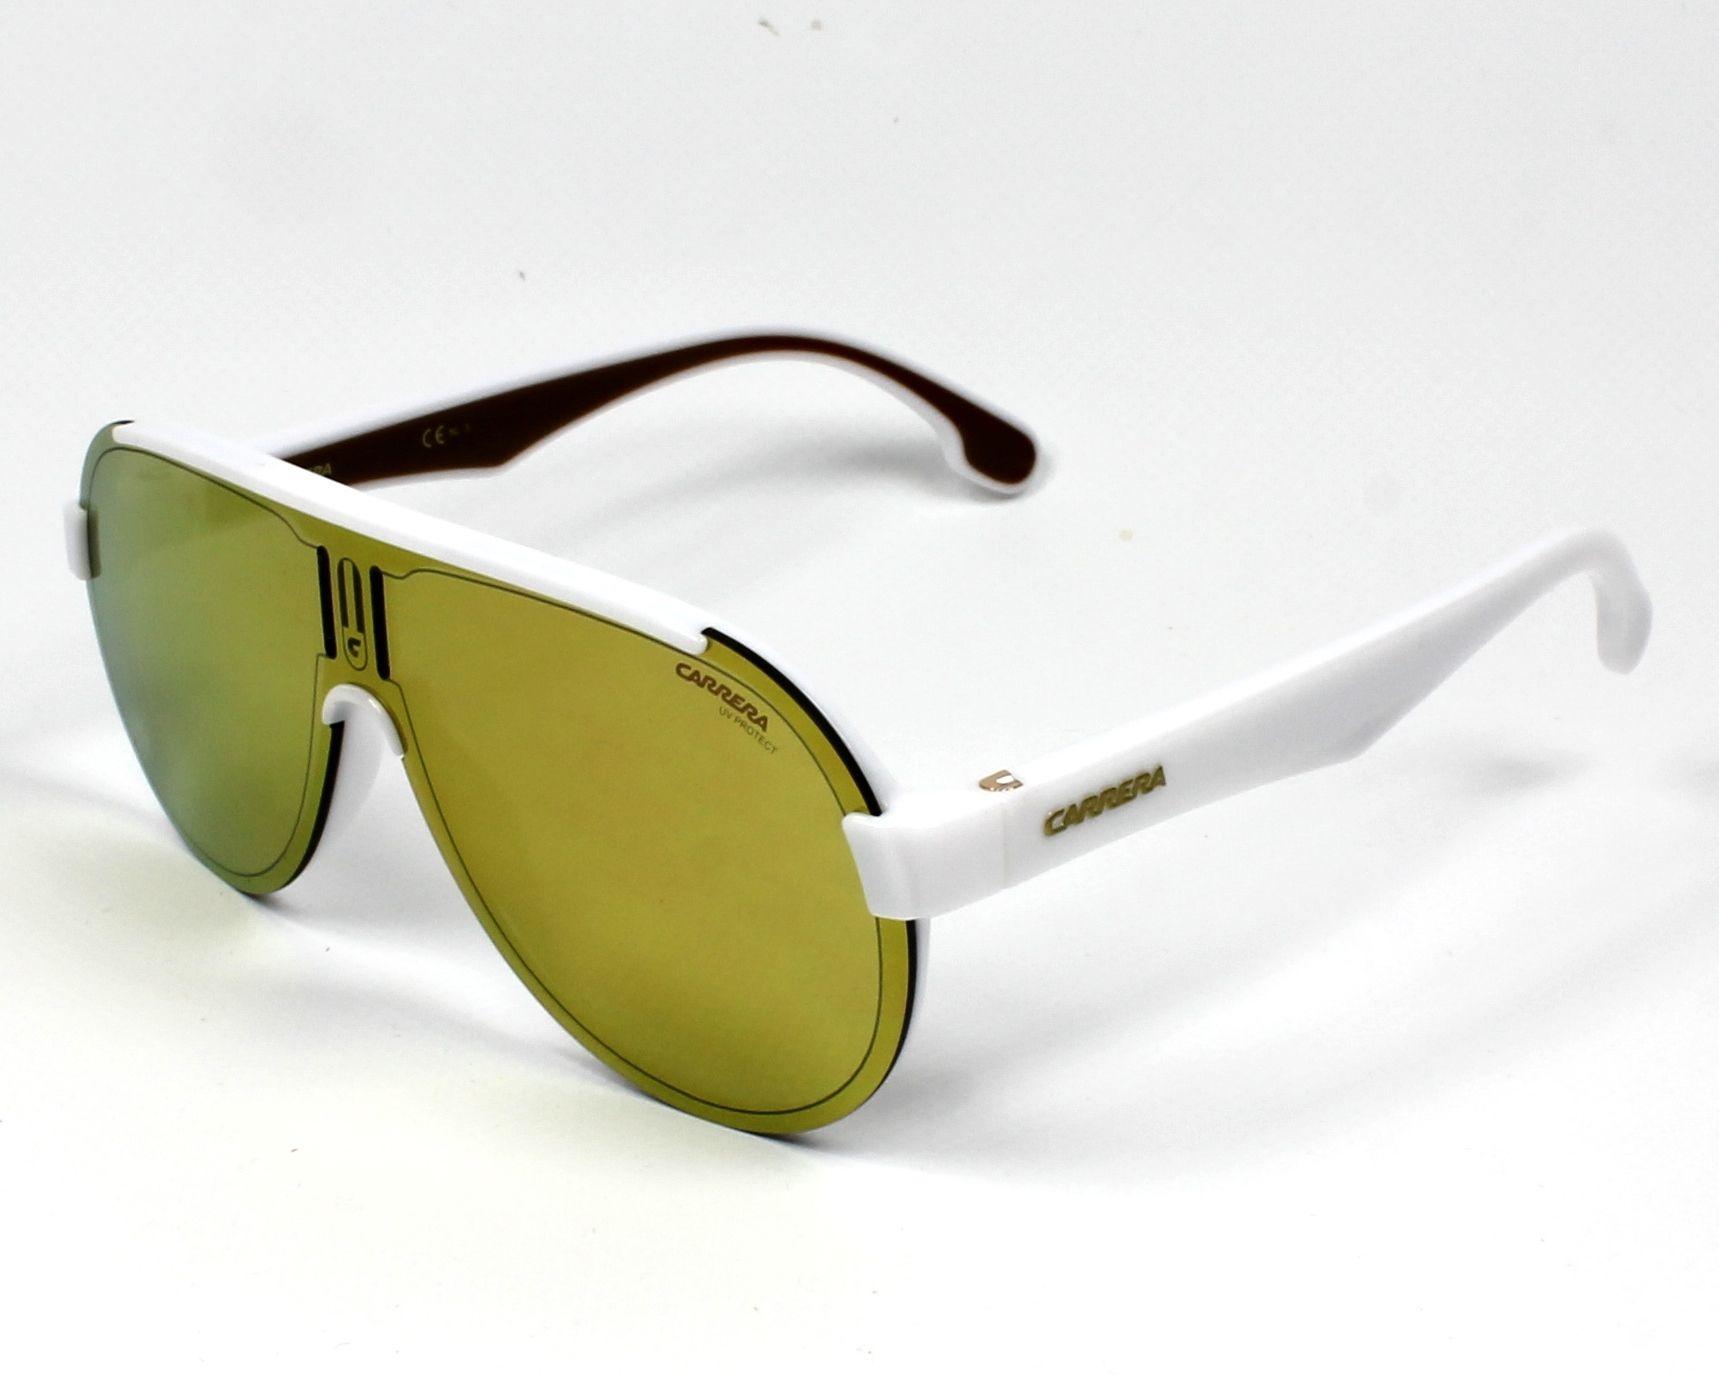 6517e5a06e1 Sunglasses Carrera 1008-S VK6/K1 - White Gold profile view